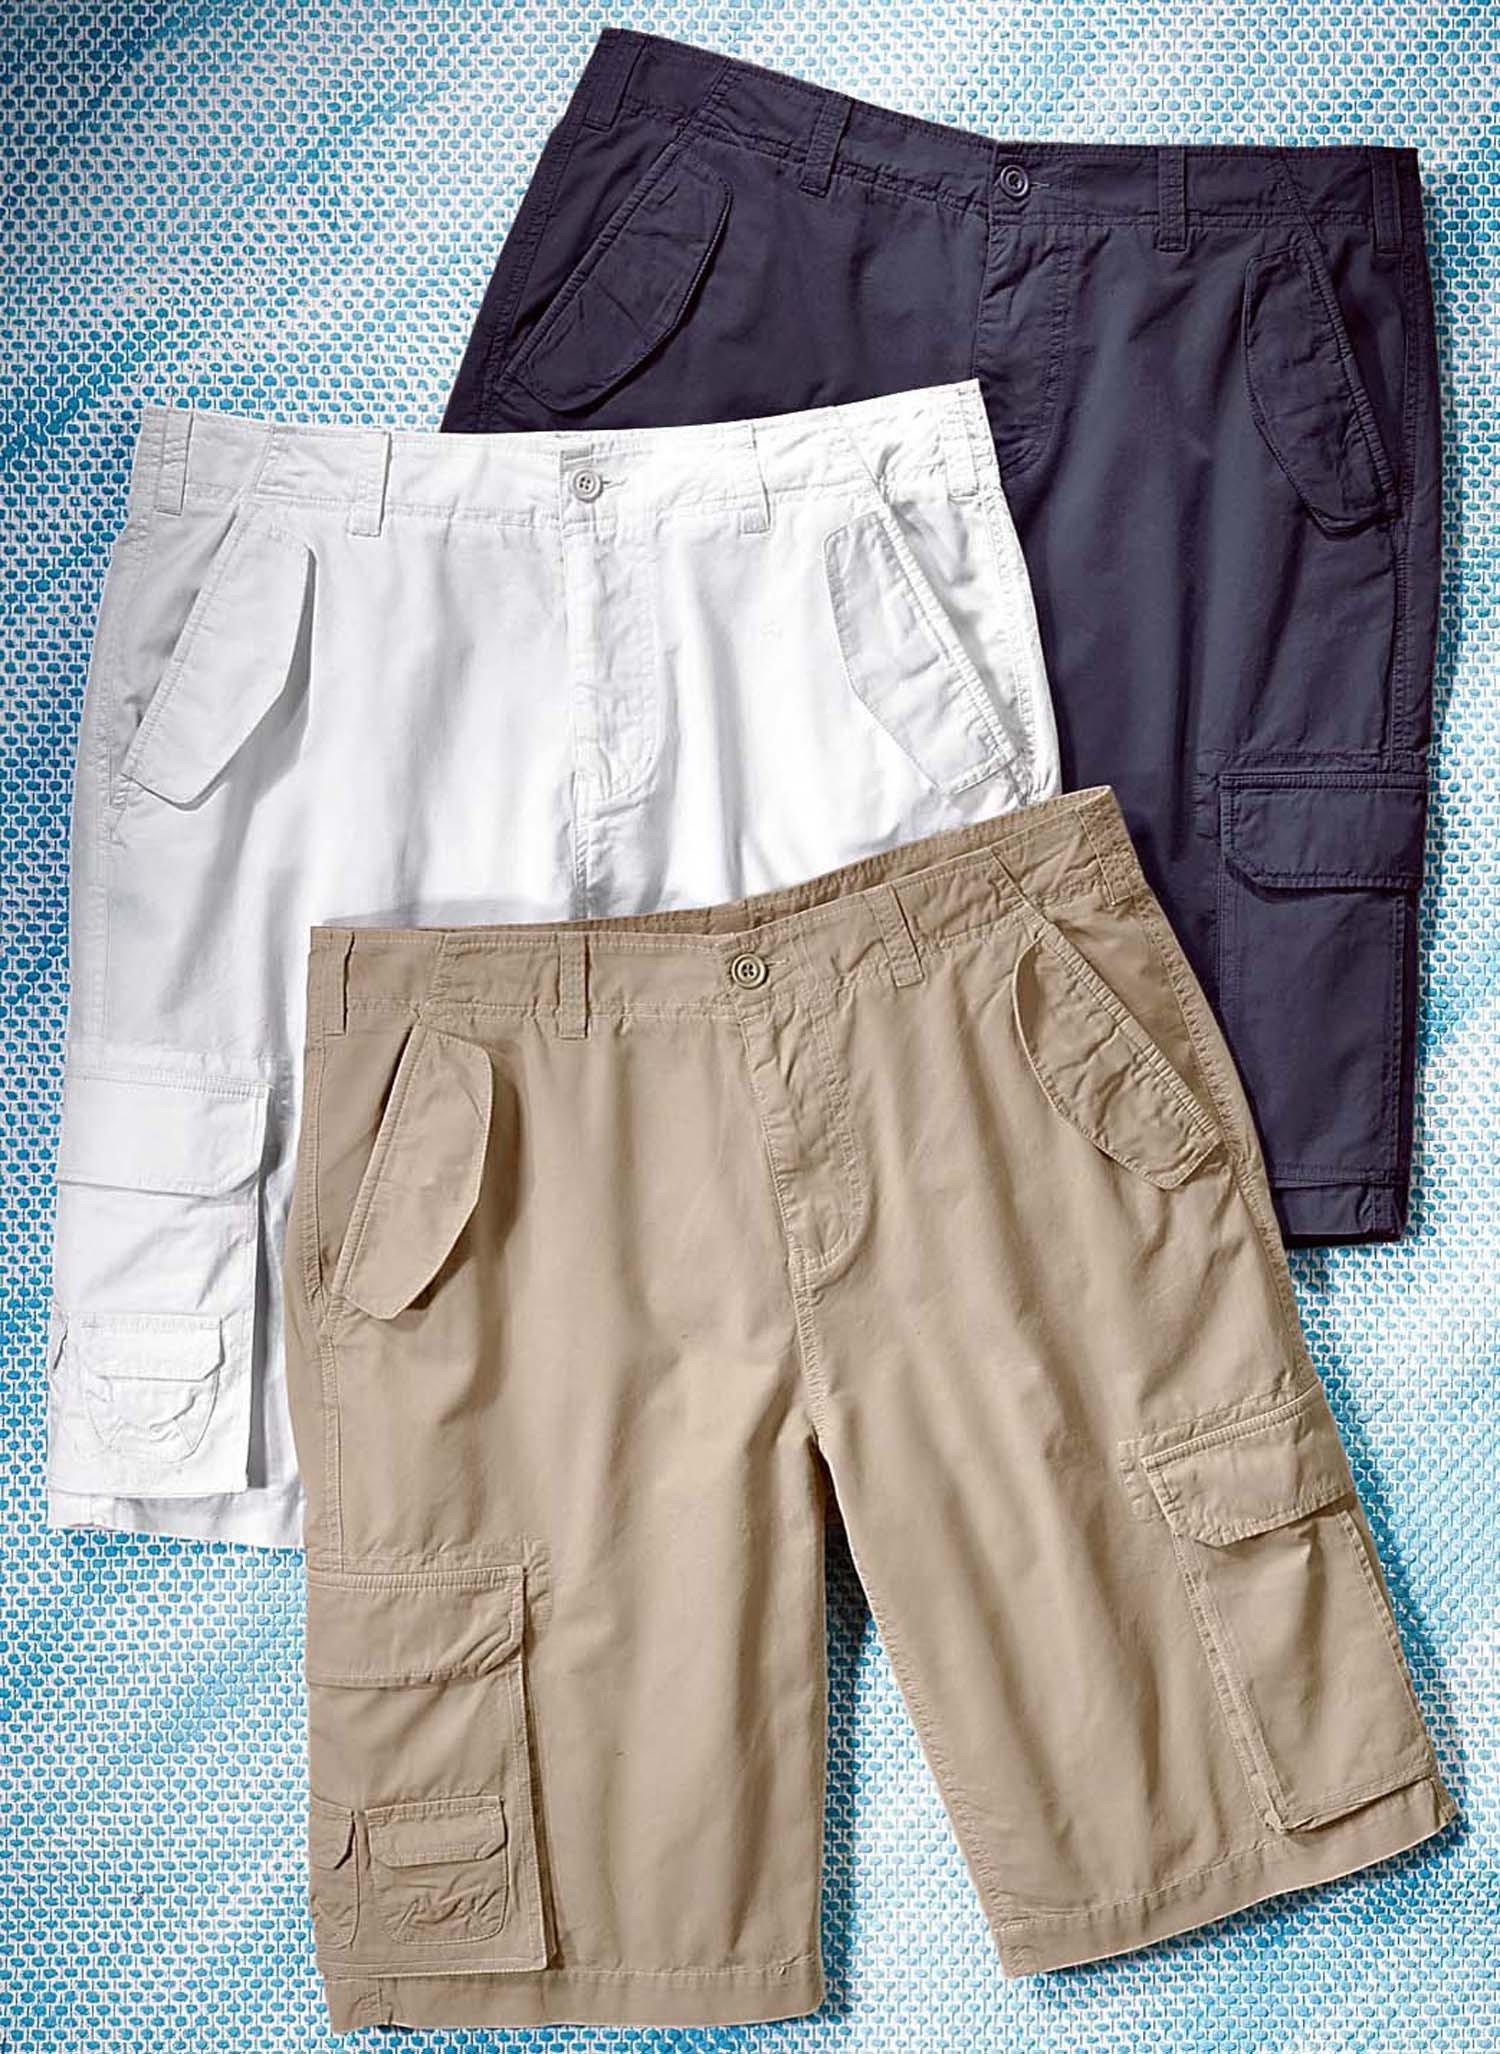 H-Bermuda-Shorts,Taschen marin 38 053 - 1 - Ronja.ch